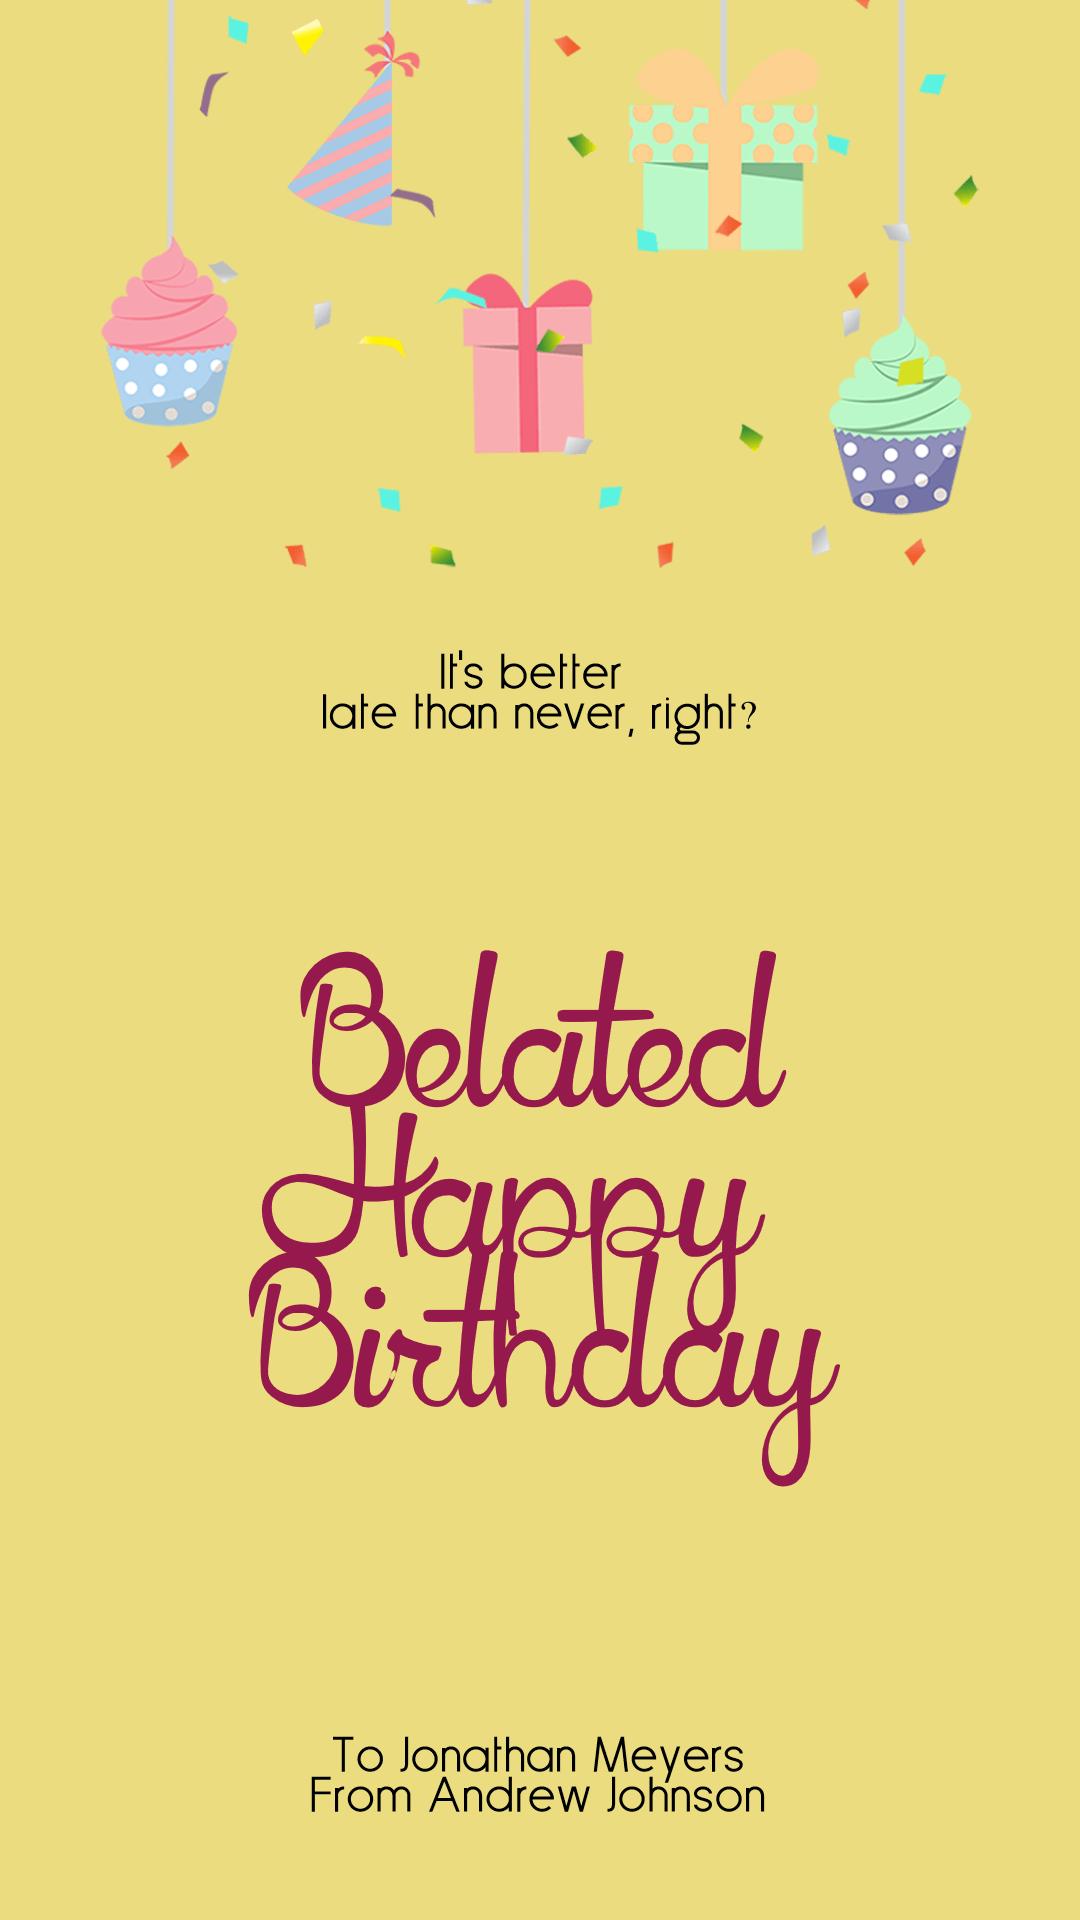 Confetti Happy Birthday Message - Design  Template